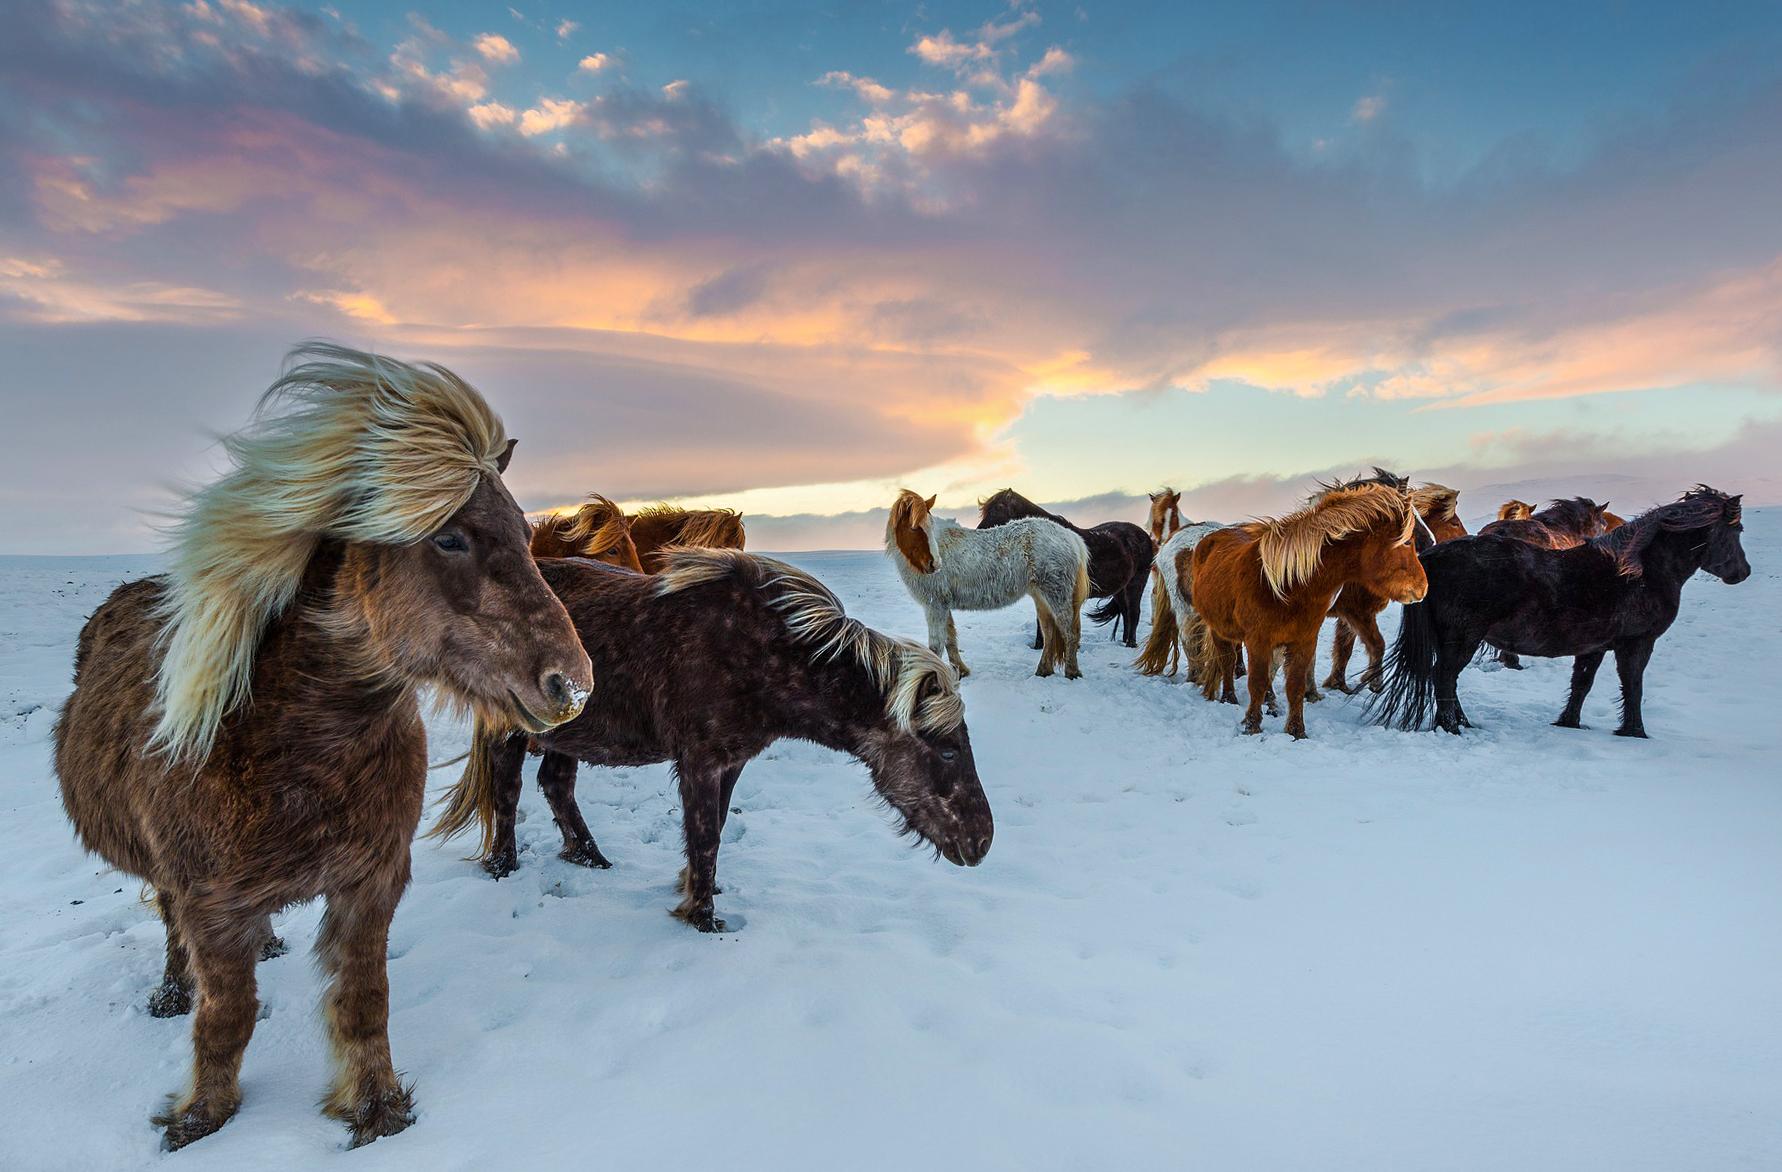 Horse Breed: Icelandic horse - photo by Susanne Stöckli on Pixabay - Globetrotting horse riding holidays